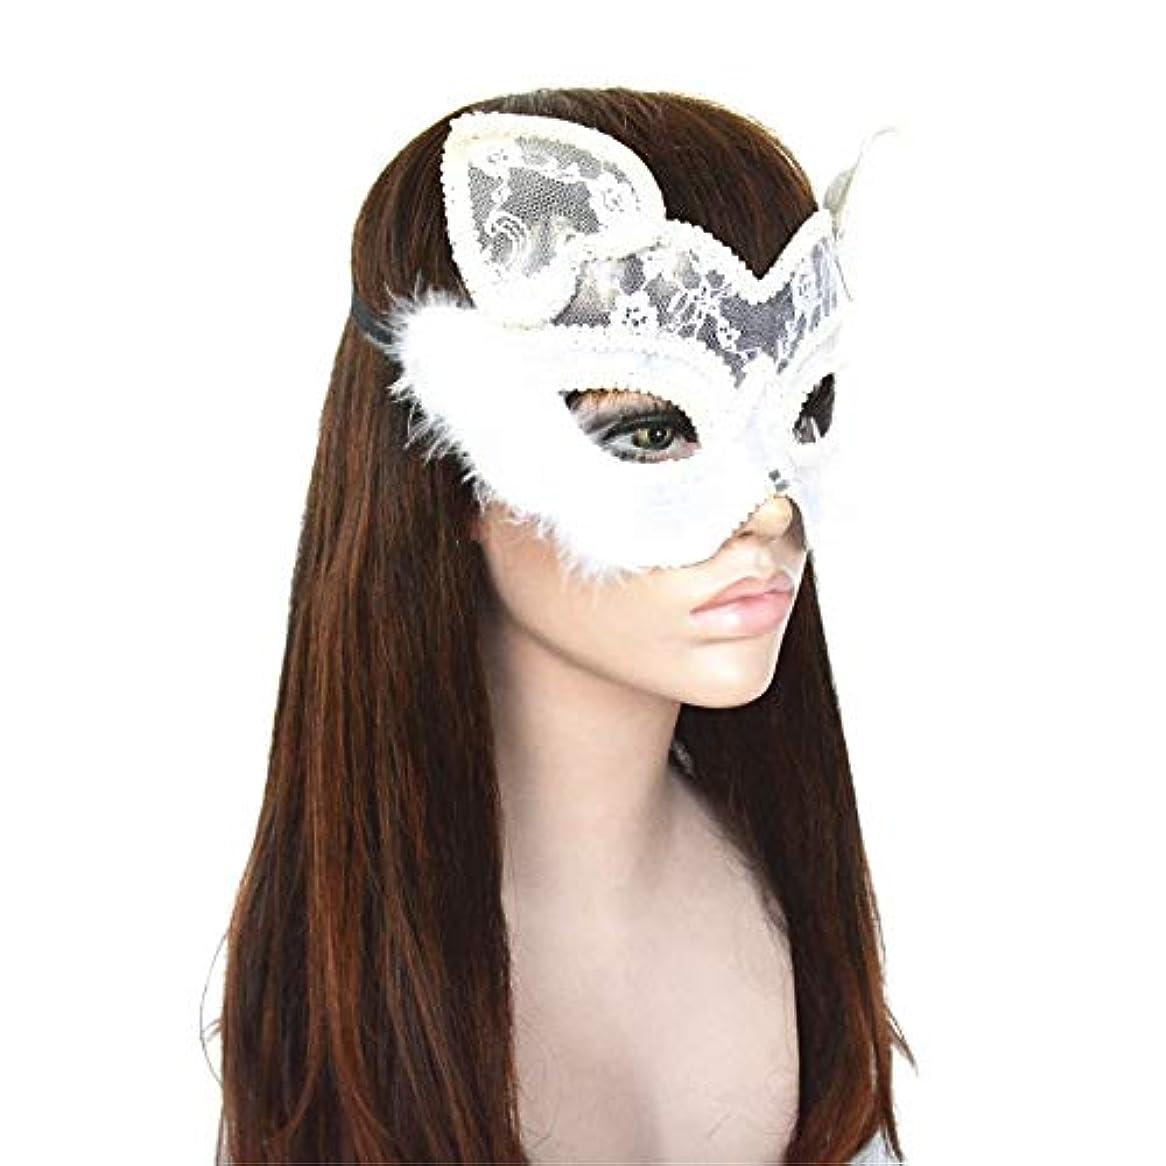 ひどいハイライト生き残りダンスマスク レース楽しい女性動物猫顔ポリ塩化ビニールハロウィンマスククリスマス製品コスプレナイトクラブパーティーマスク ホリデーパーティー用品 (色 : 白, サイズ : 19x15.5cm)